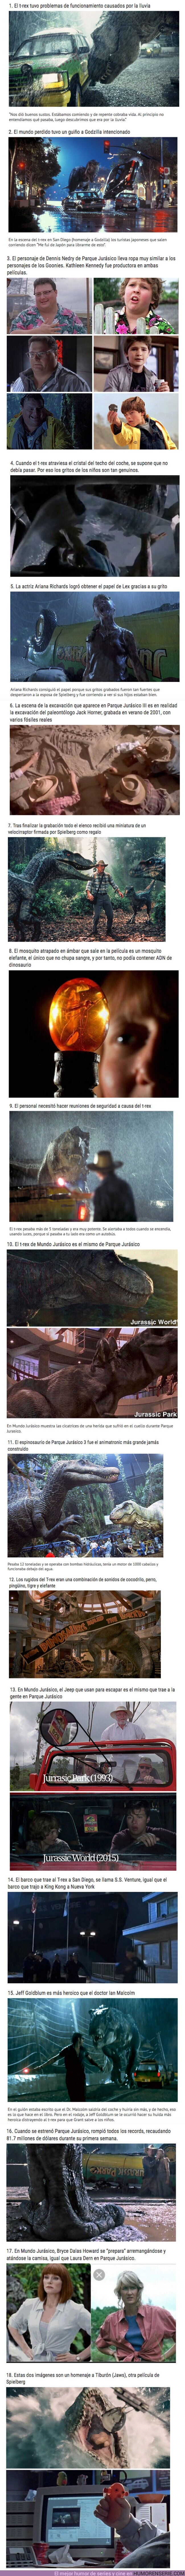 56891 - GALERÍA: 18 Detalles ocultos de las películas de Parque Jurásico que seguramente no conocías